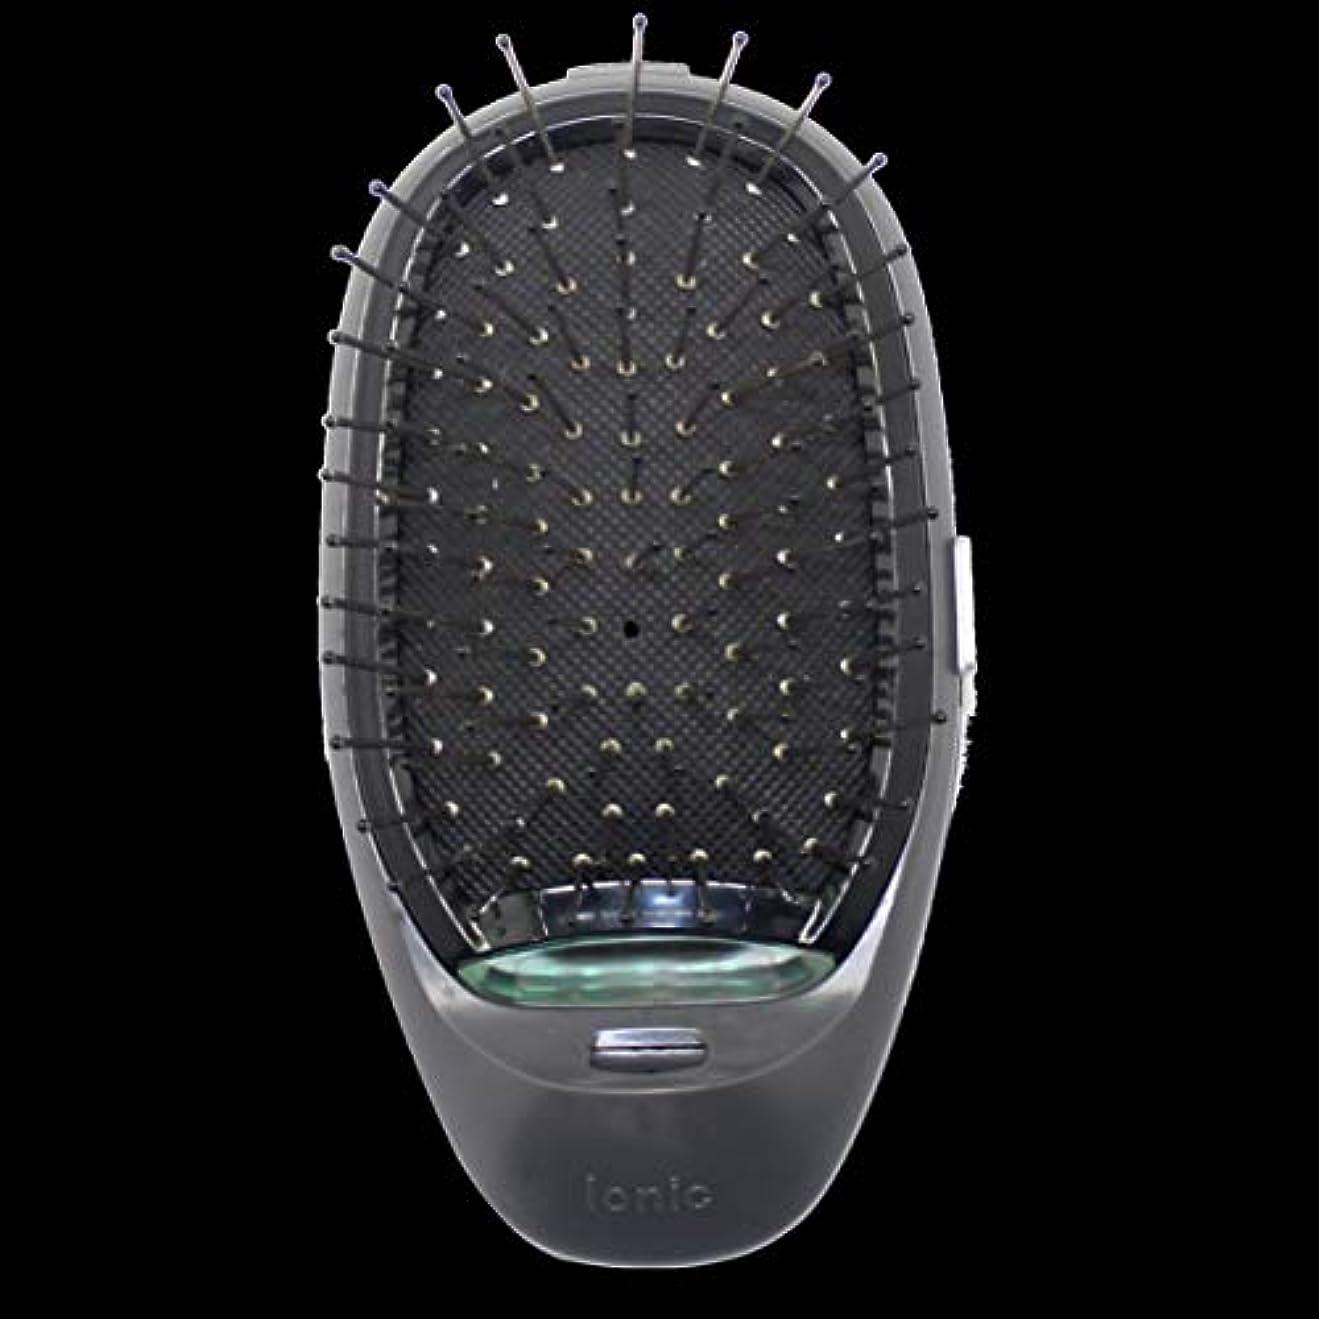 コンプリート聞く聞く電動マッサージヘアブラシミニマイナスイオンヘアコム3Dインフレータブルコーム帯電防止ガールズヘアブラシ電池式 - ブラック